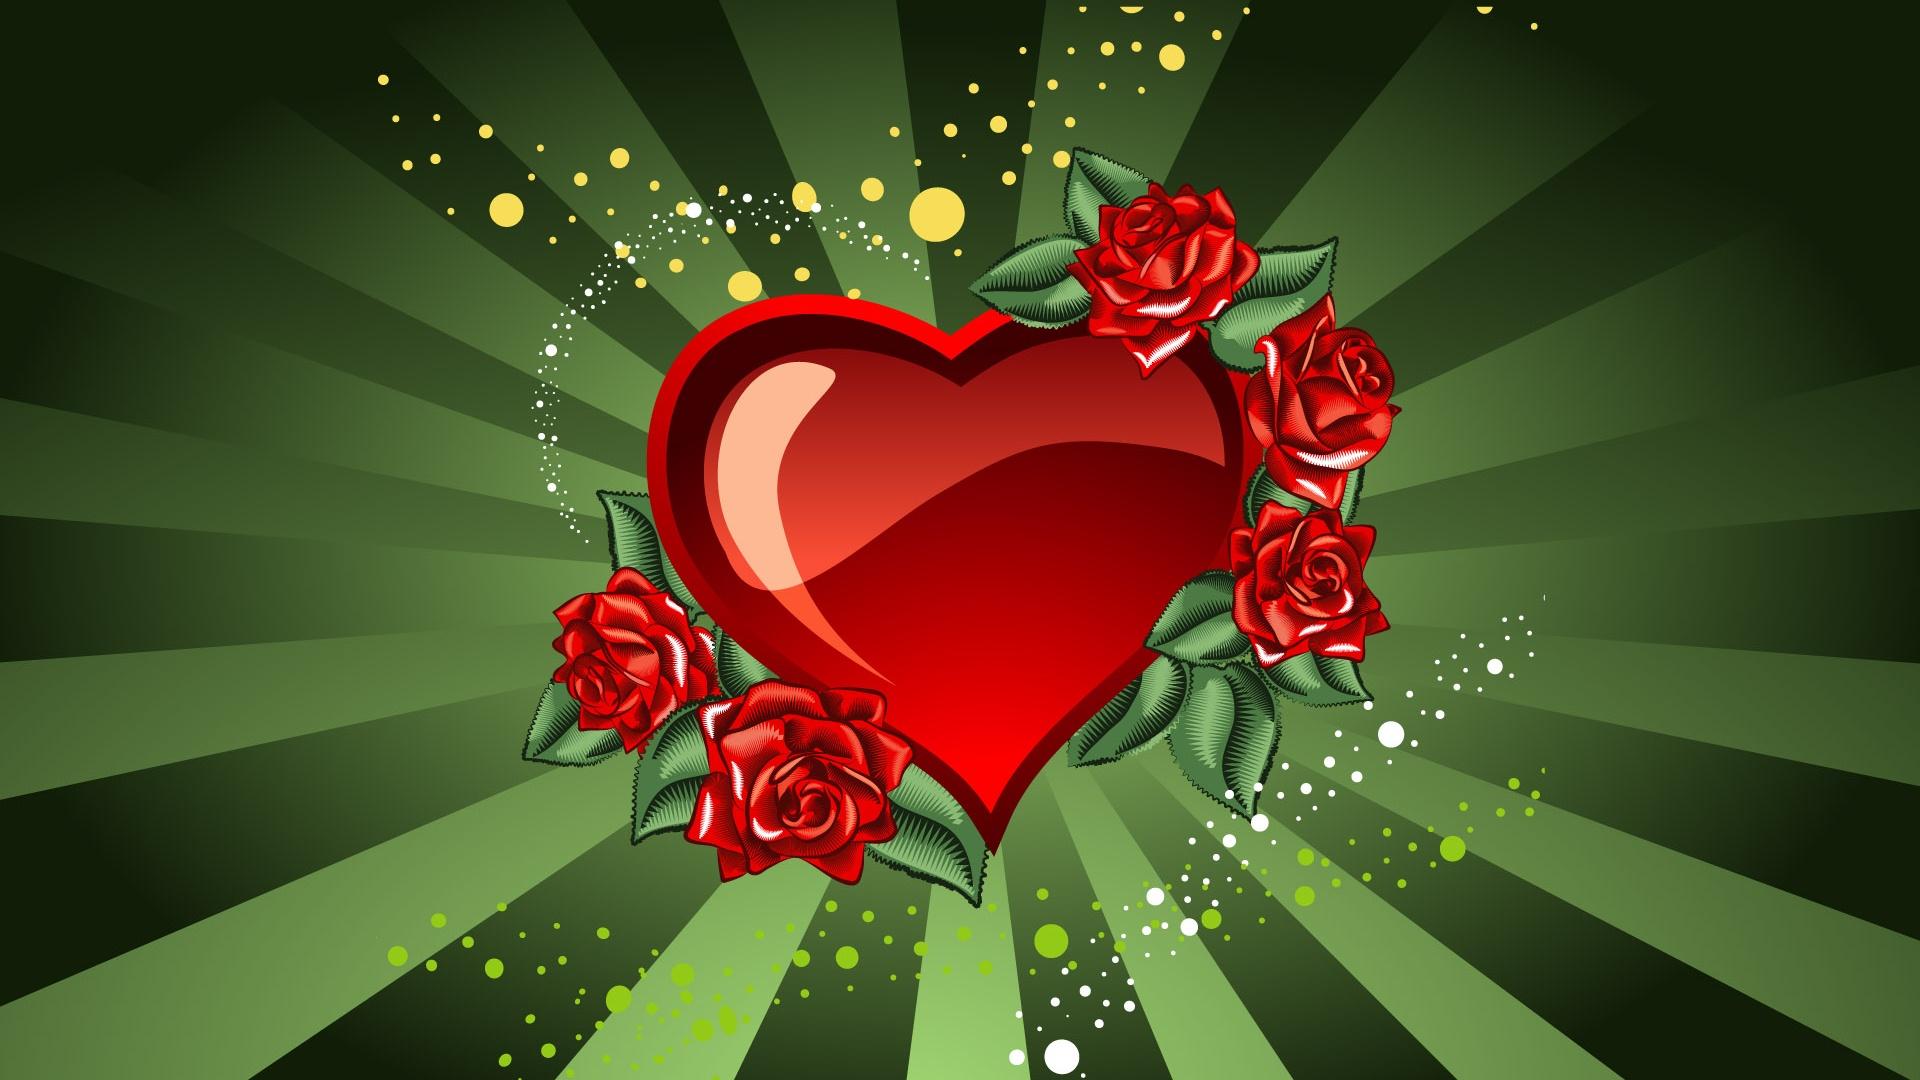 Valentine s Day heart Wallpaper Desktop Wallpapers Wallpapers 1920x1080